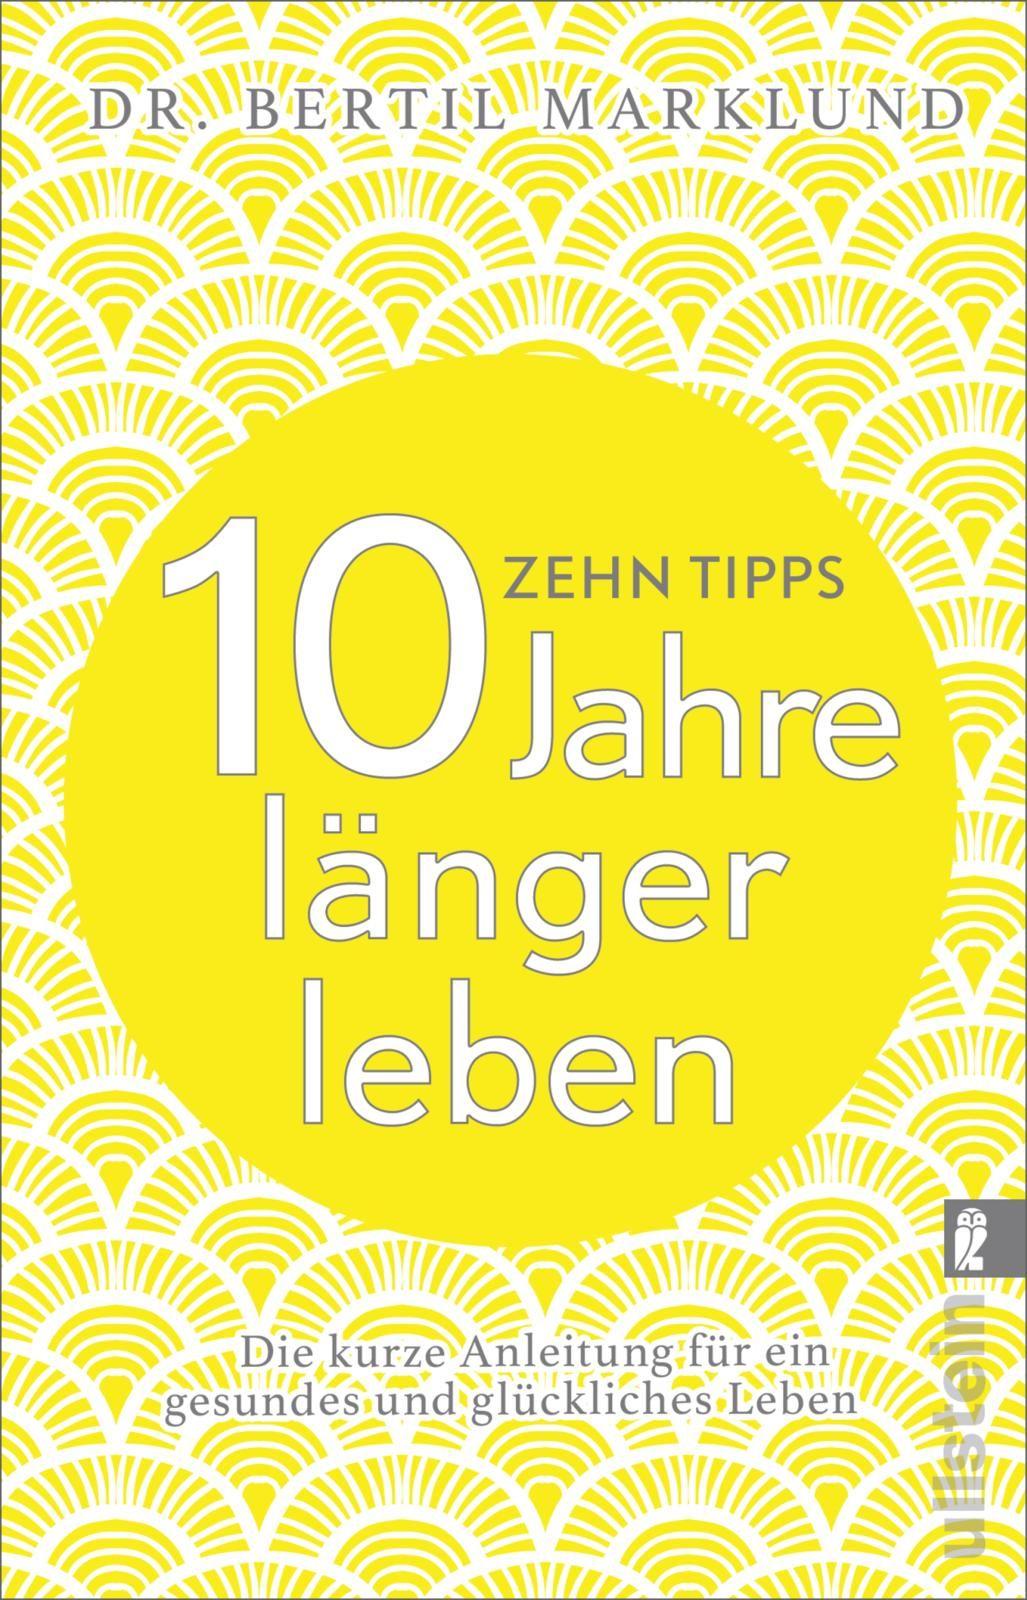 10 tipps 10 jahre l nger leben von kuhn wibke marklund bertil d. Black Bedroom Furniture Sets. Home Design Ideas